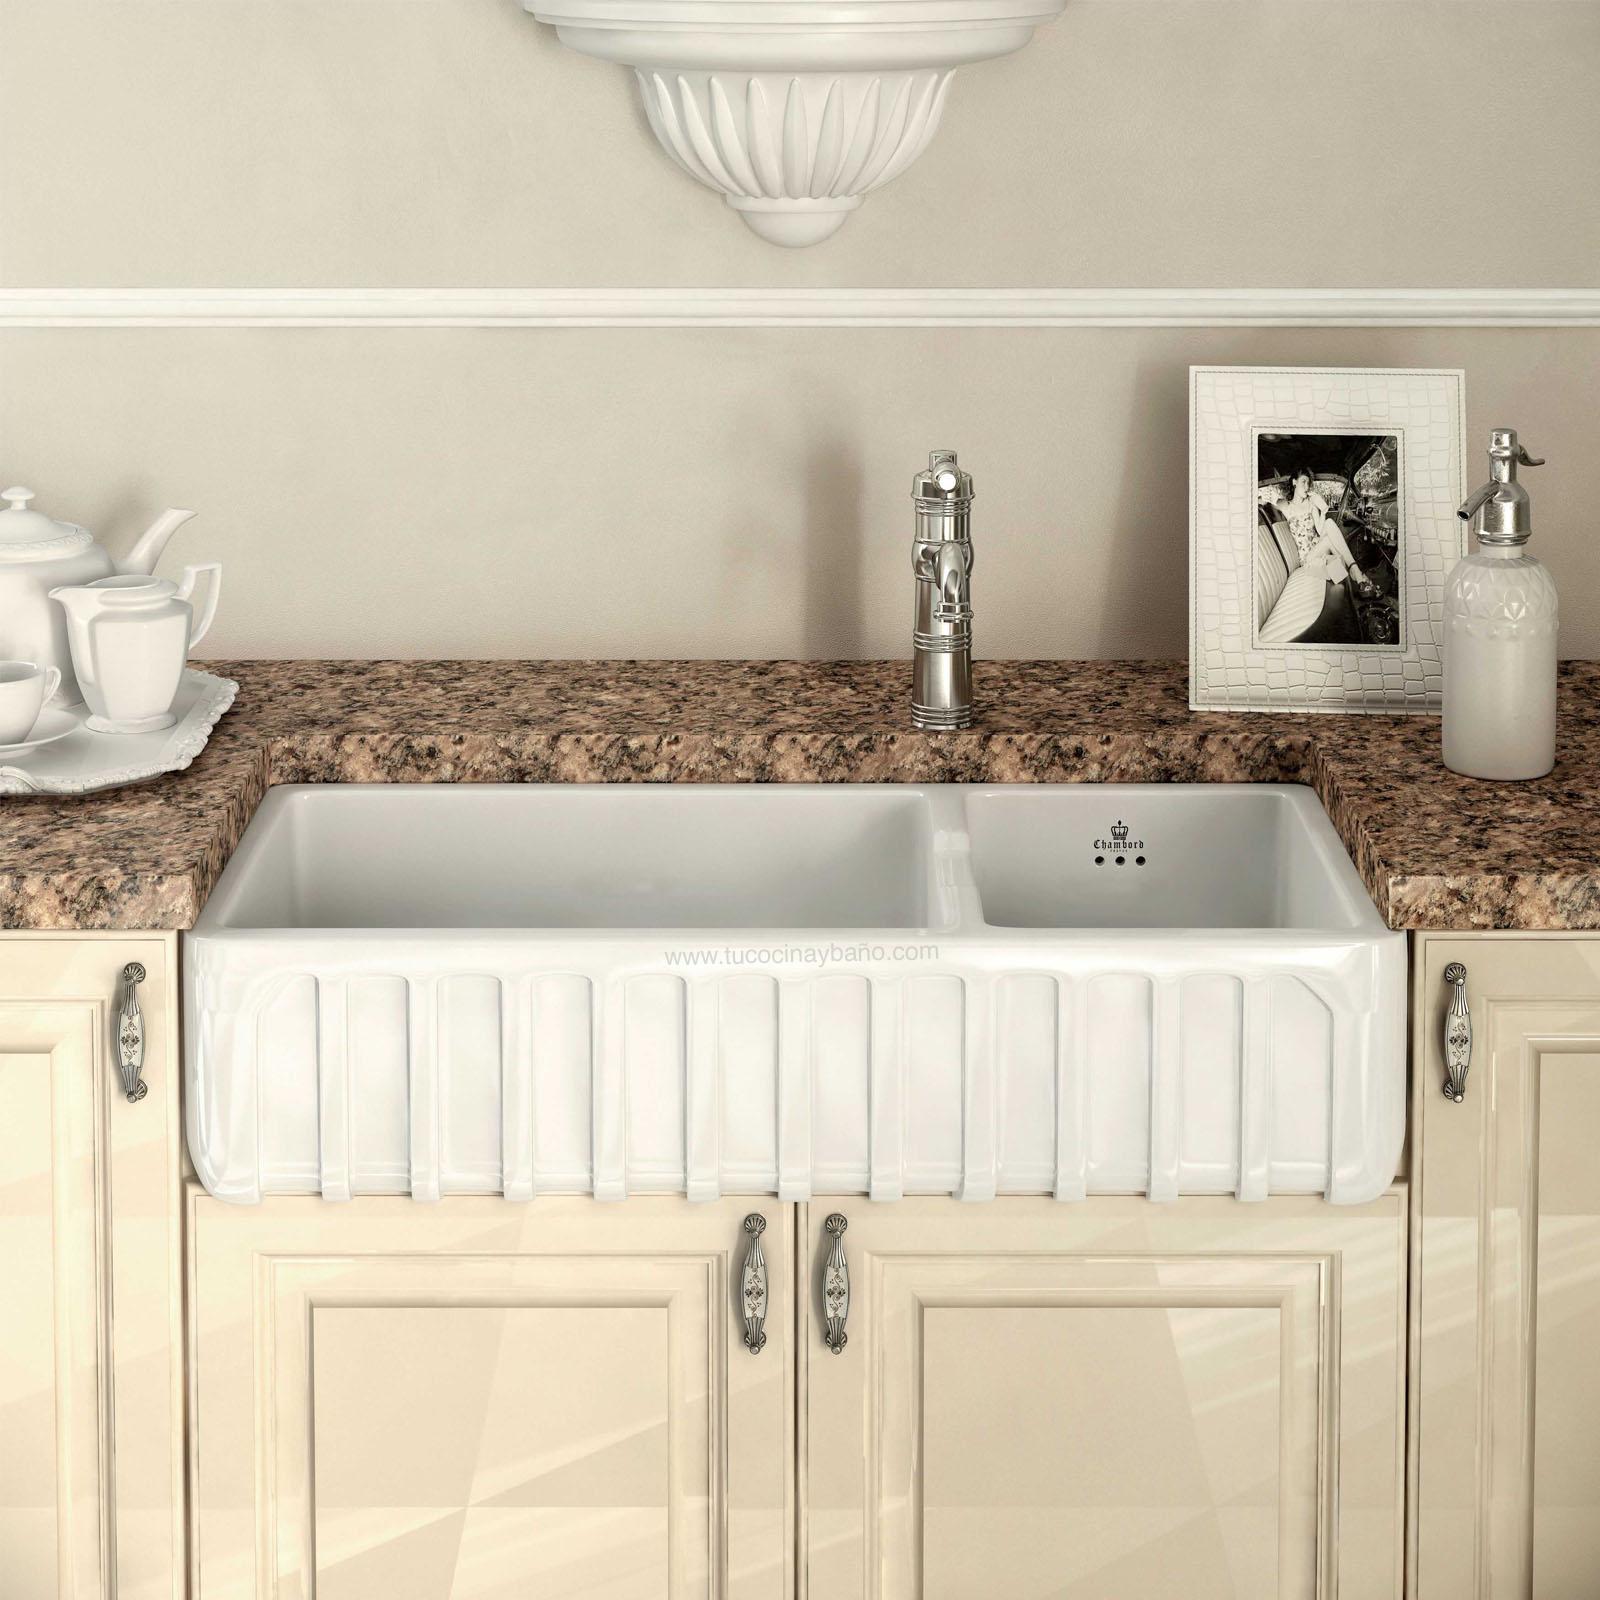 Fregadero ceramico luis iii tu cocina y ba o - Precios de fregaderos ...